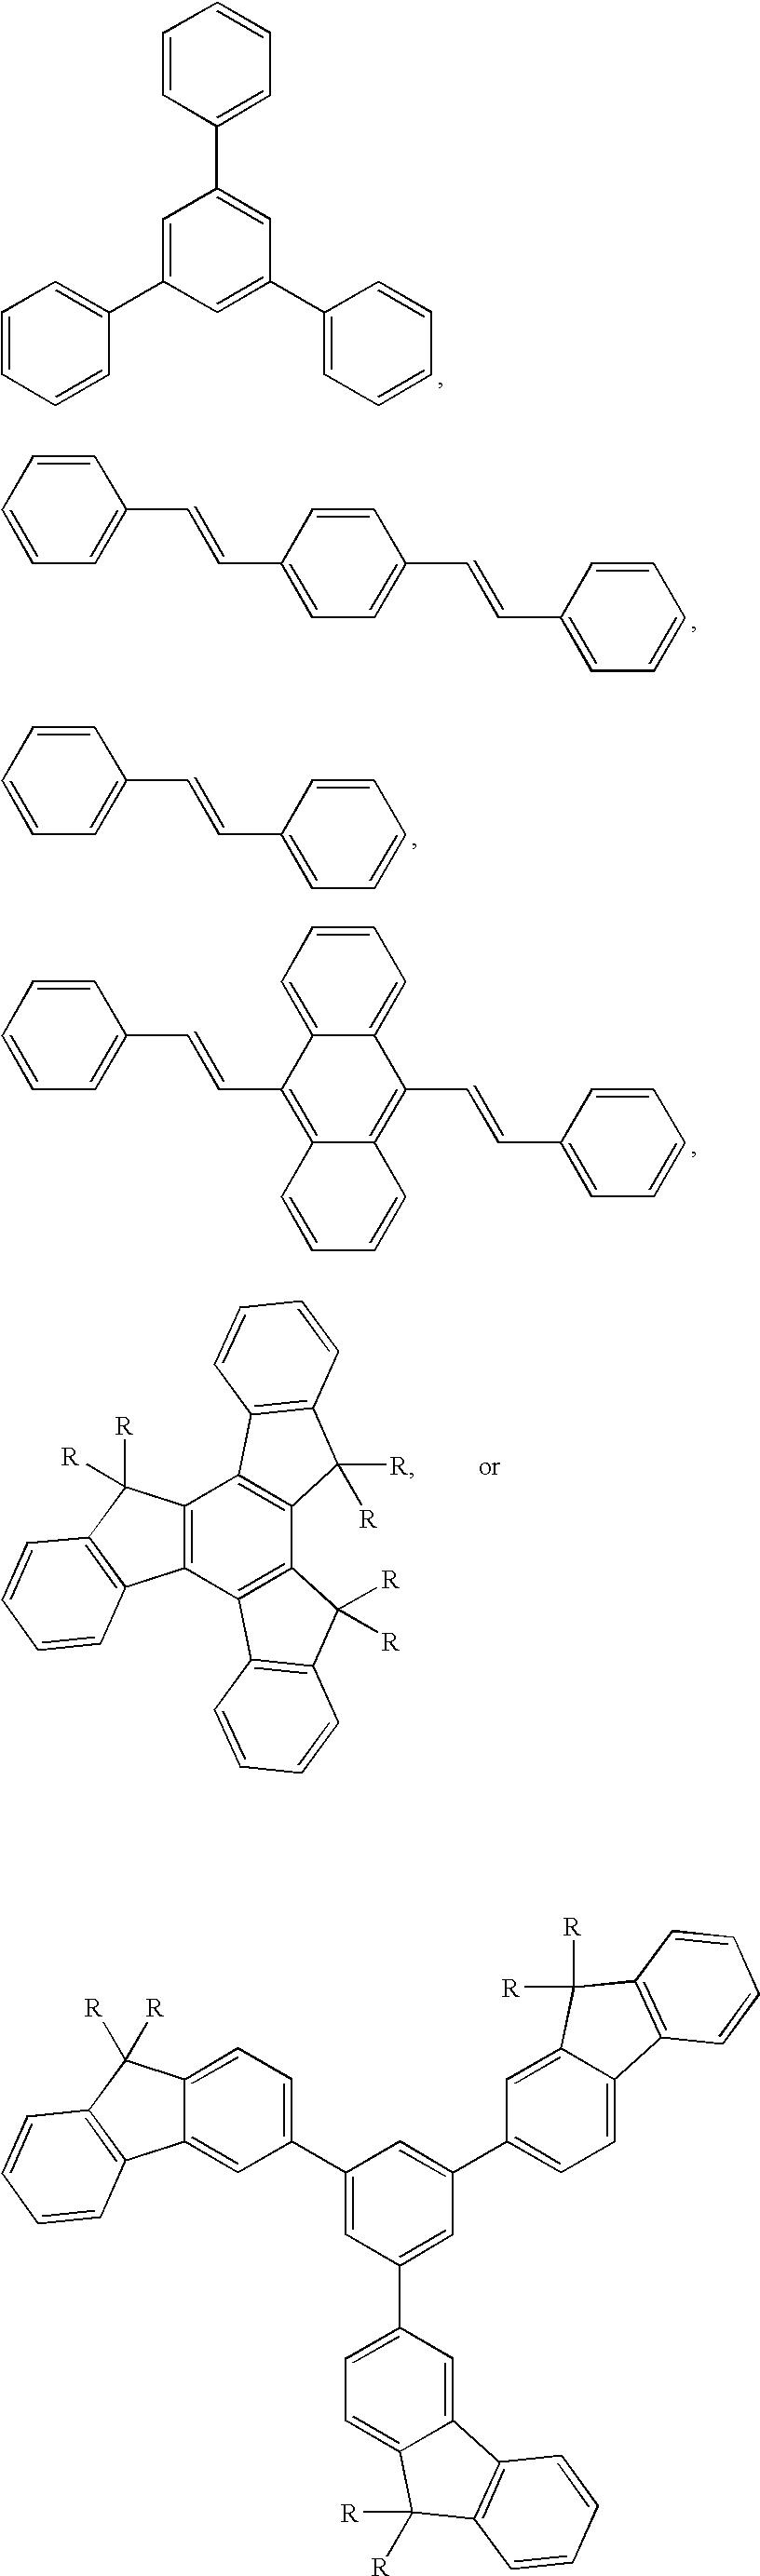 Figure US07192657-20070320-C00085